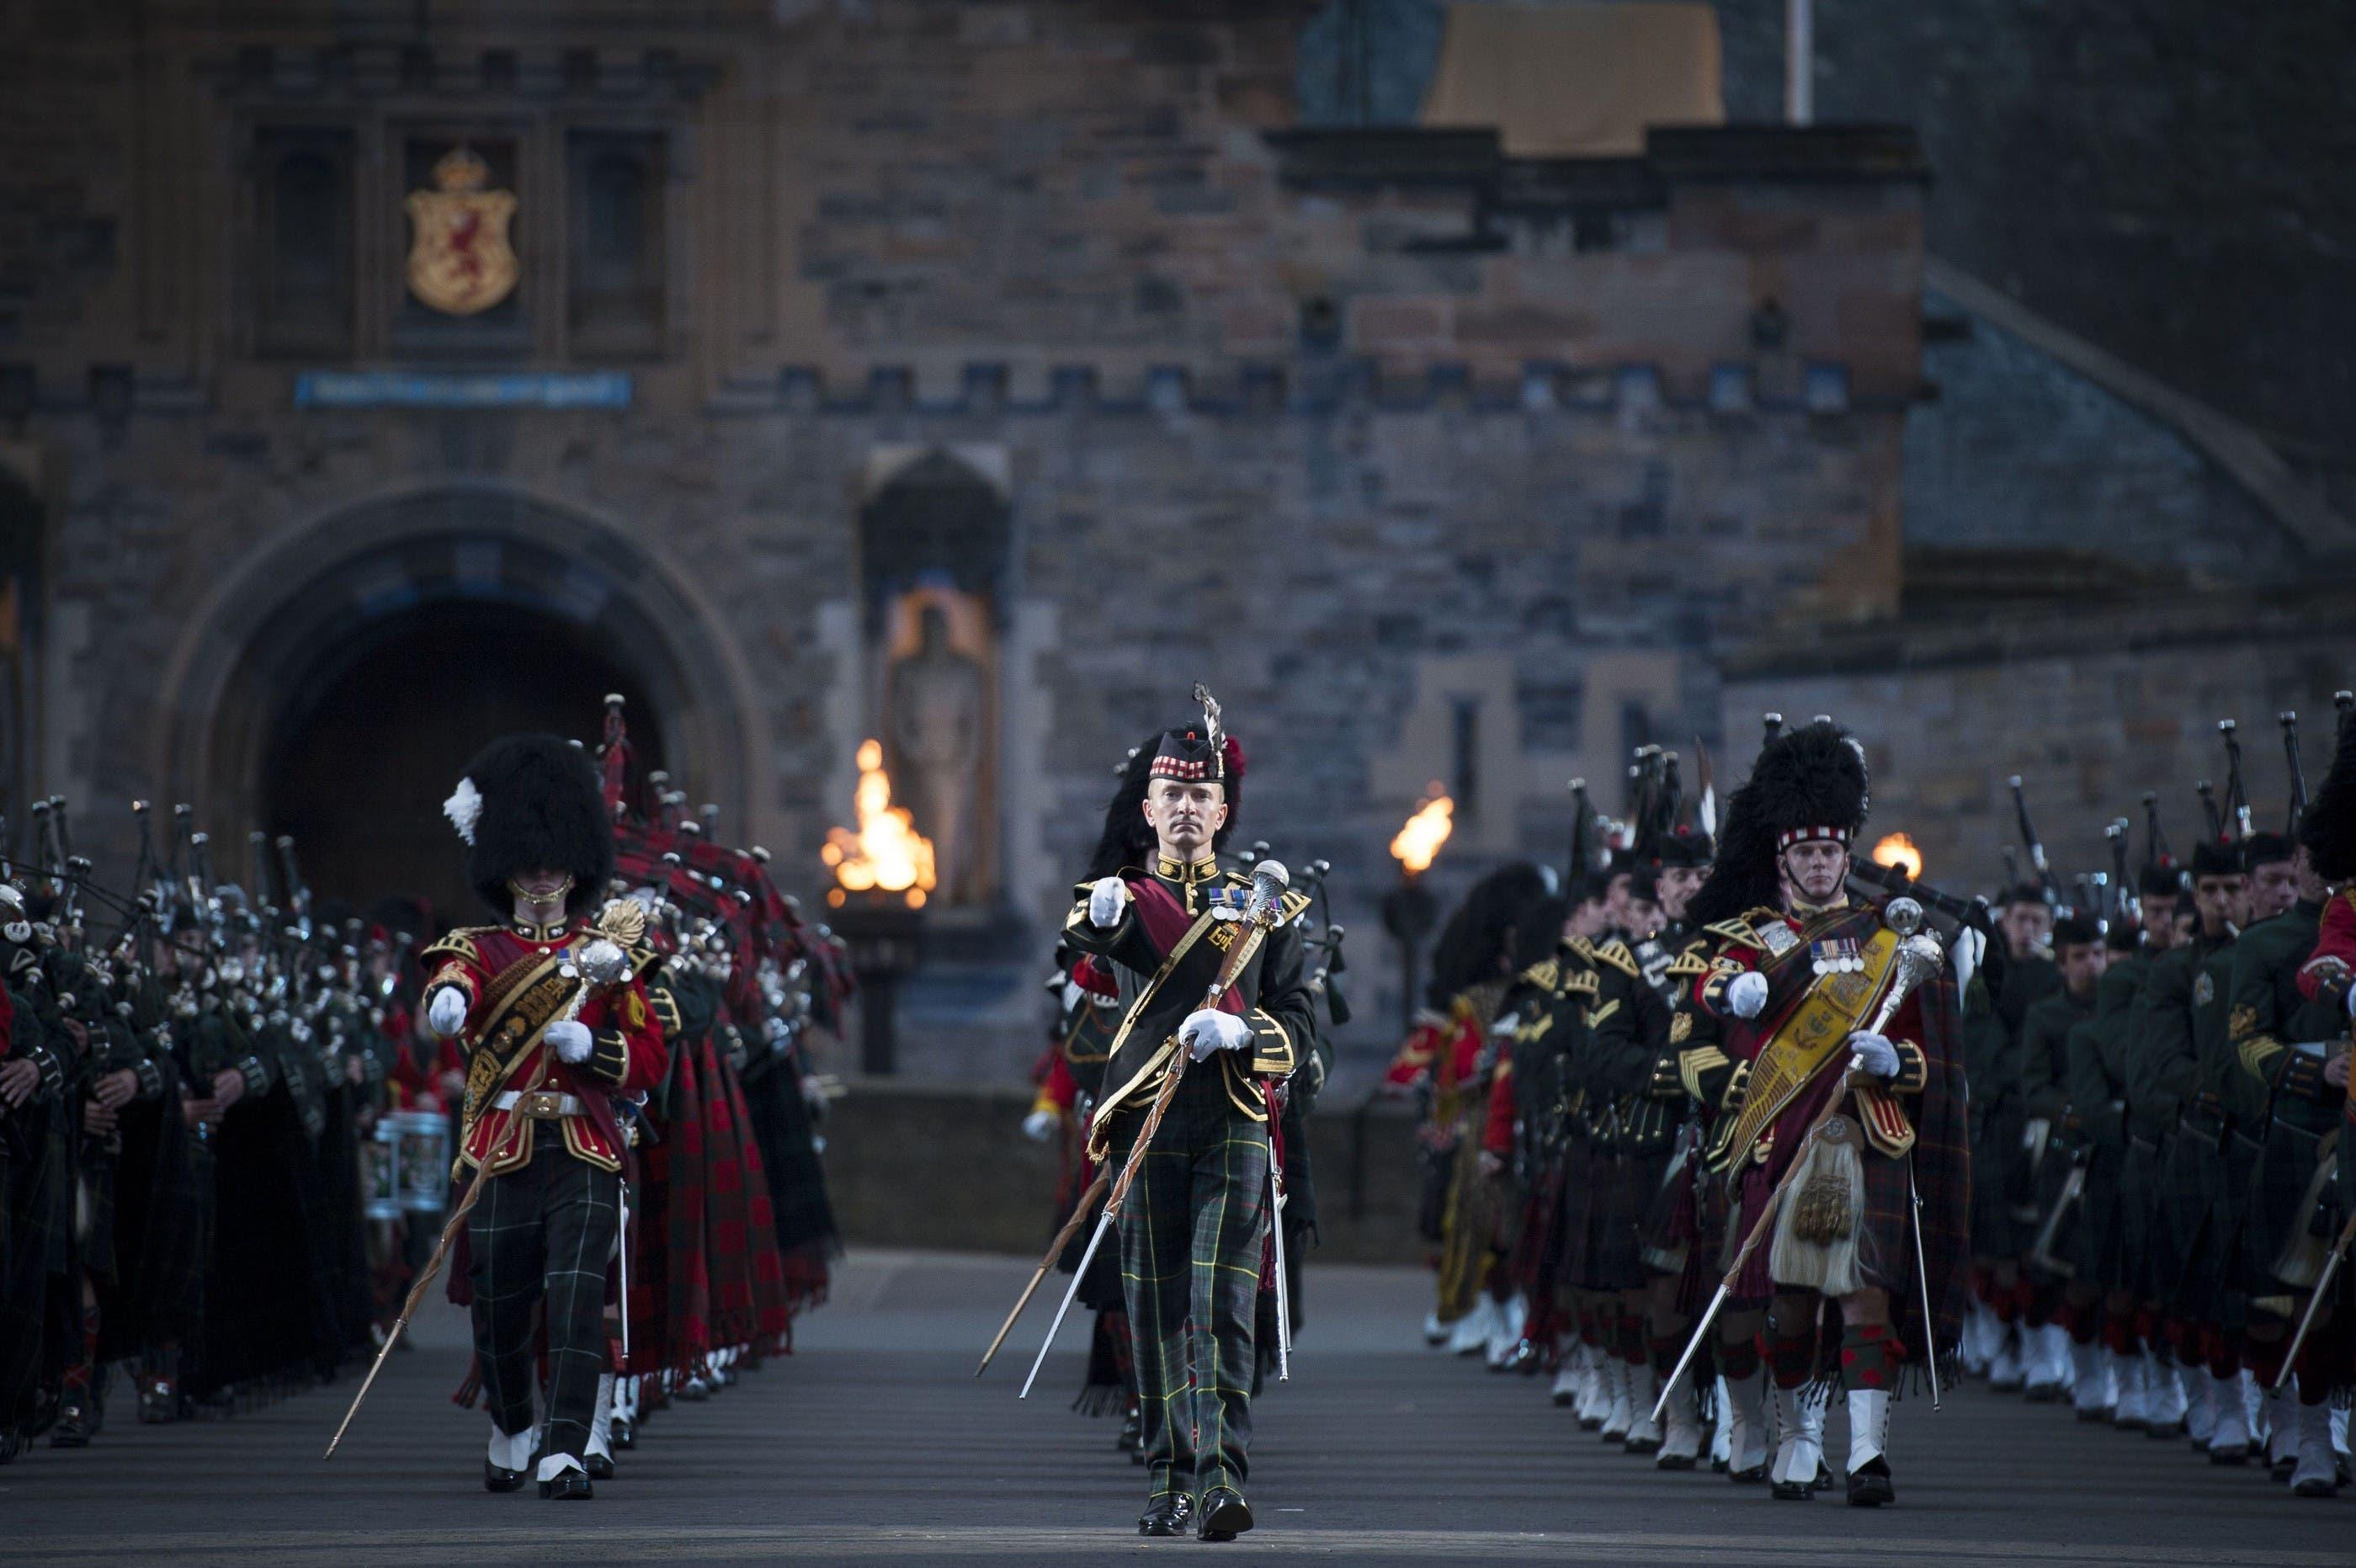 Direkt vor dem Schloss, auf der sogenannten Esplanade, findet seit 1950 das Edinburgh Tattoo statt.